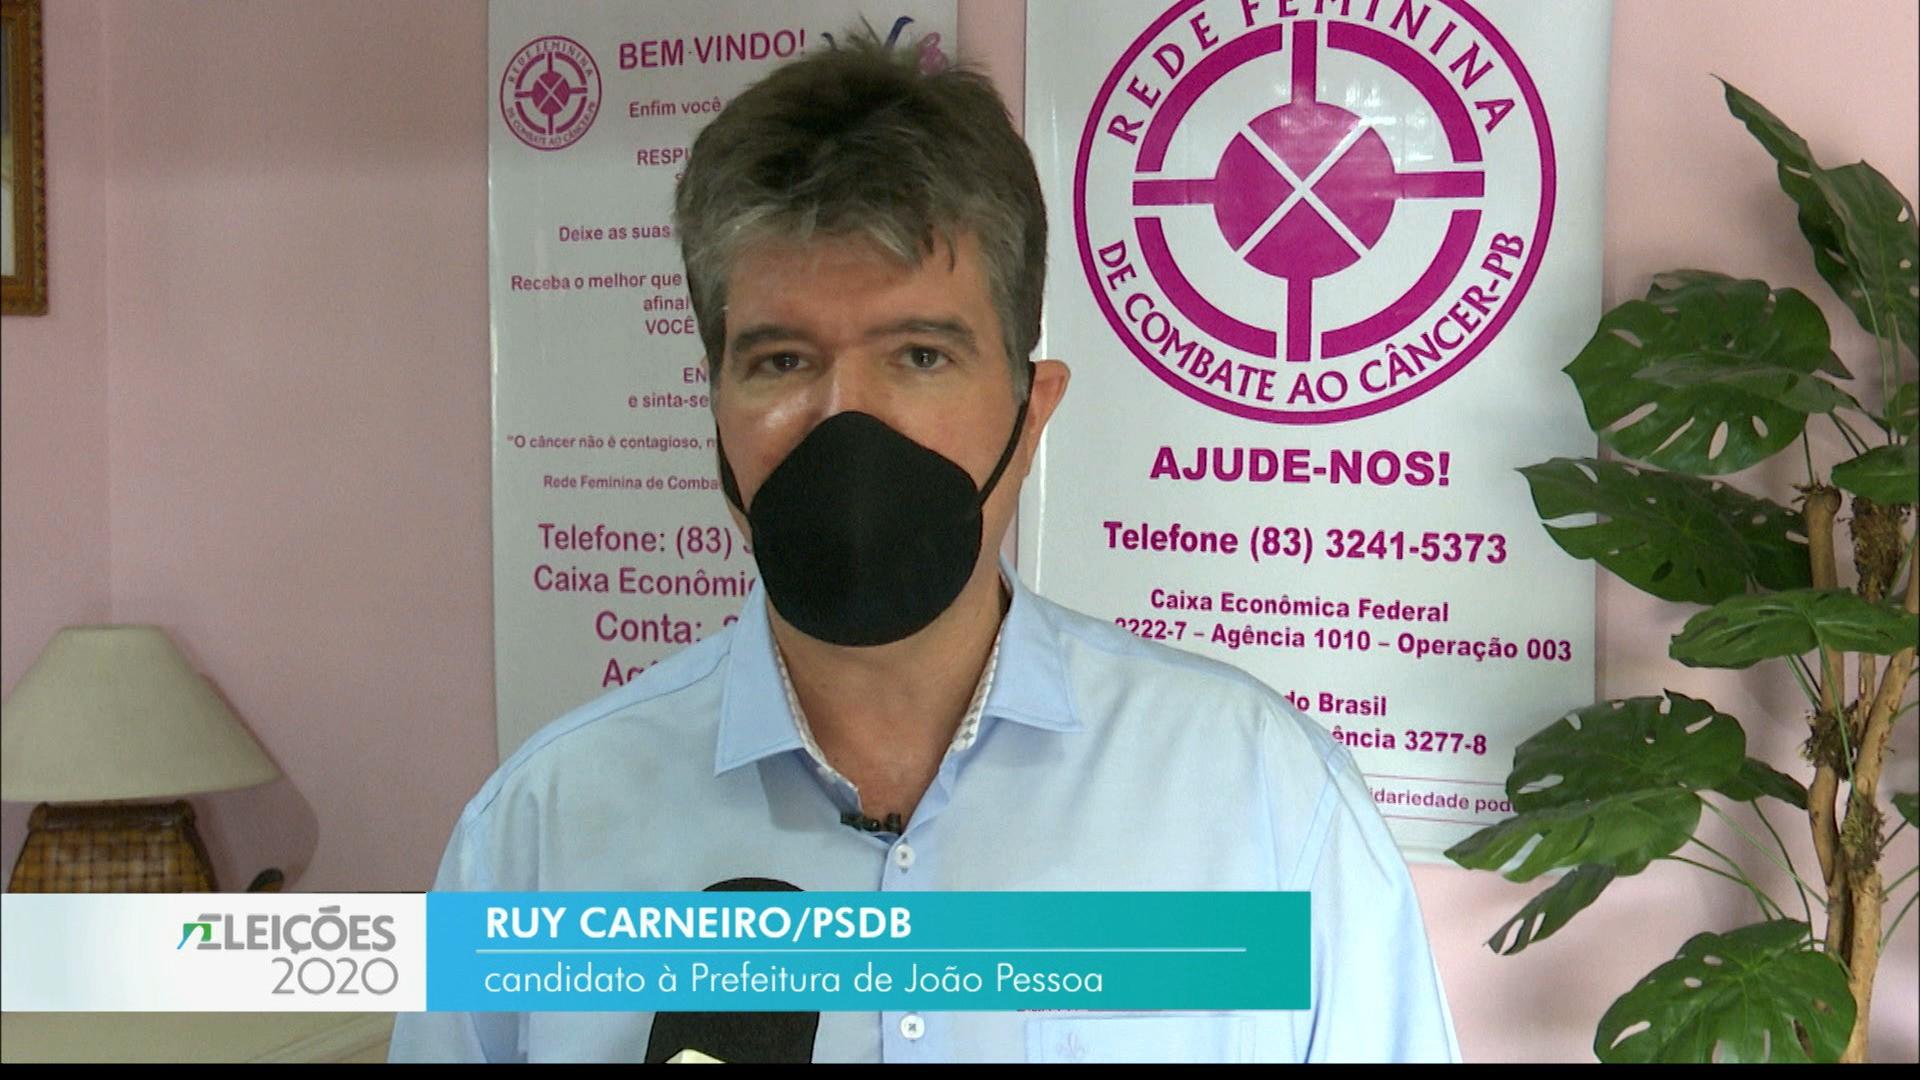 VÍDEOS: JPB2 (TV Cabo Branco) desta quinta-feira, 22 de outubro